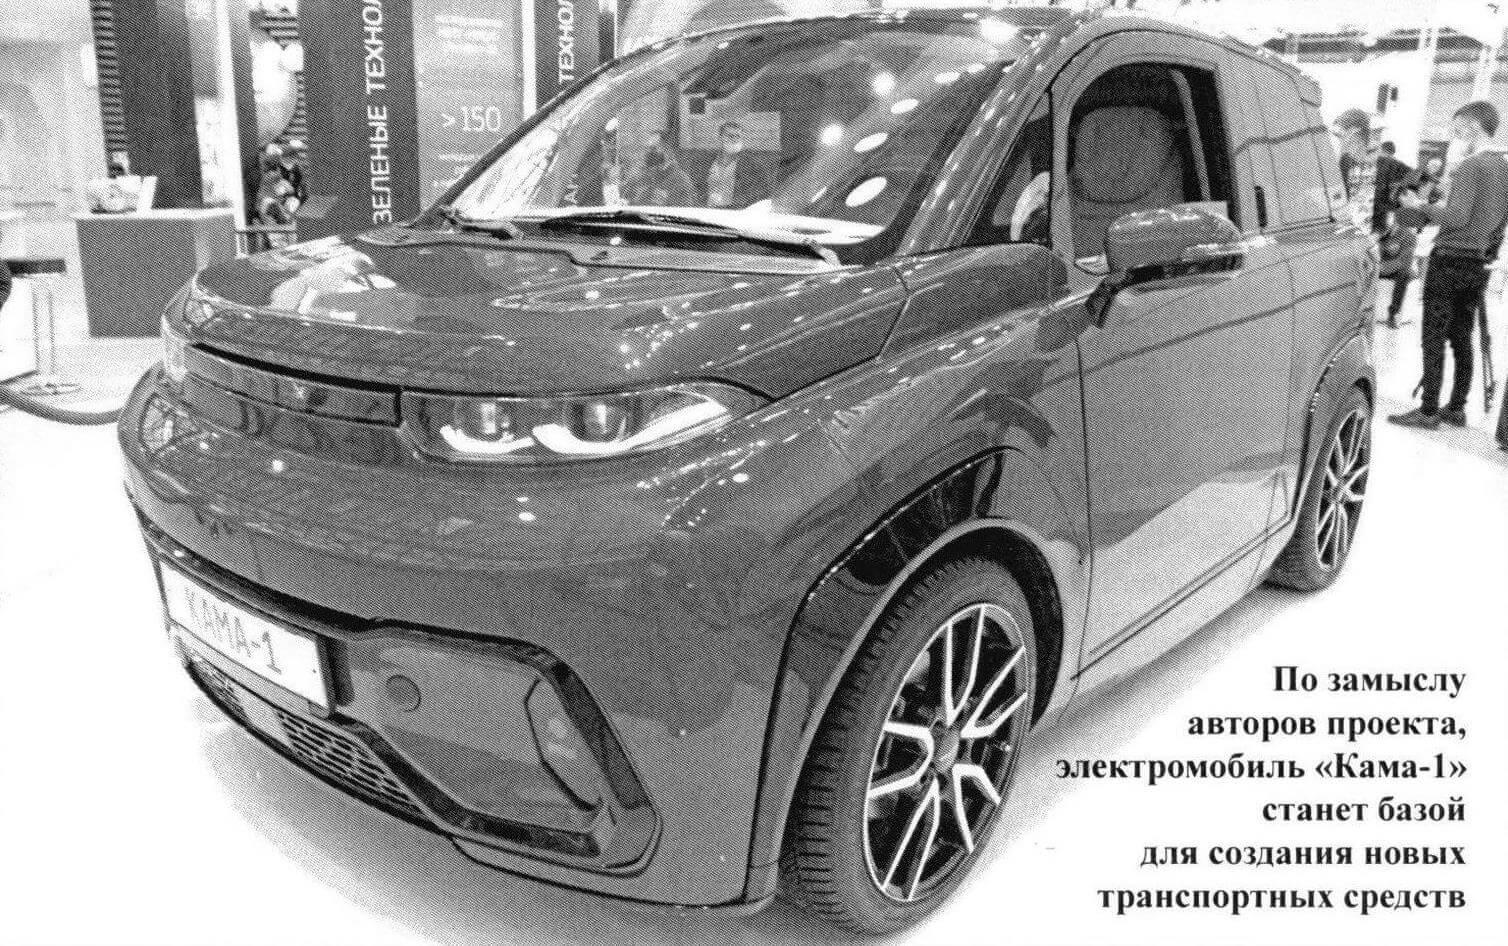 По замыслу авторов проекта, электромобиль «Кама-1» станет базой для создания новых транспортных средств